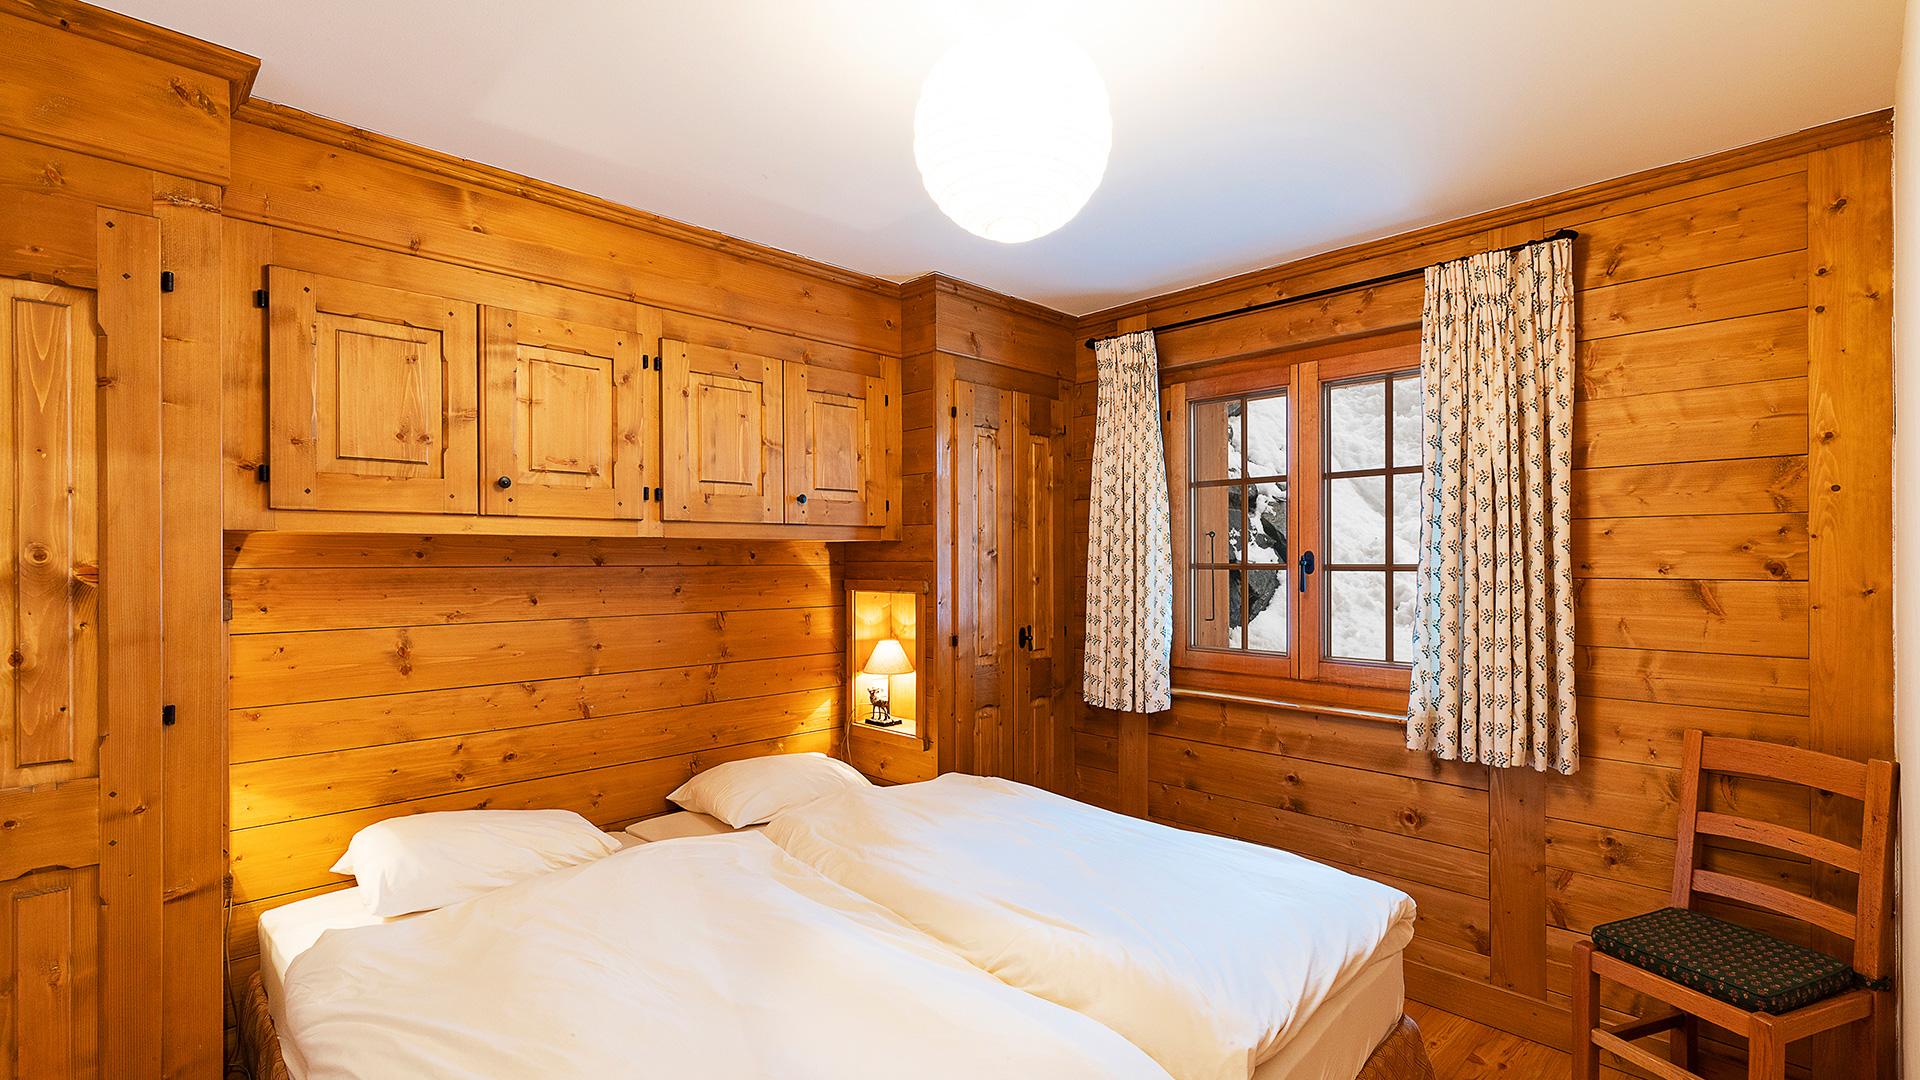 Joli Soleil 29 Apartments, Switzerland